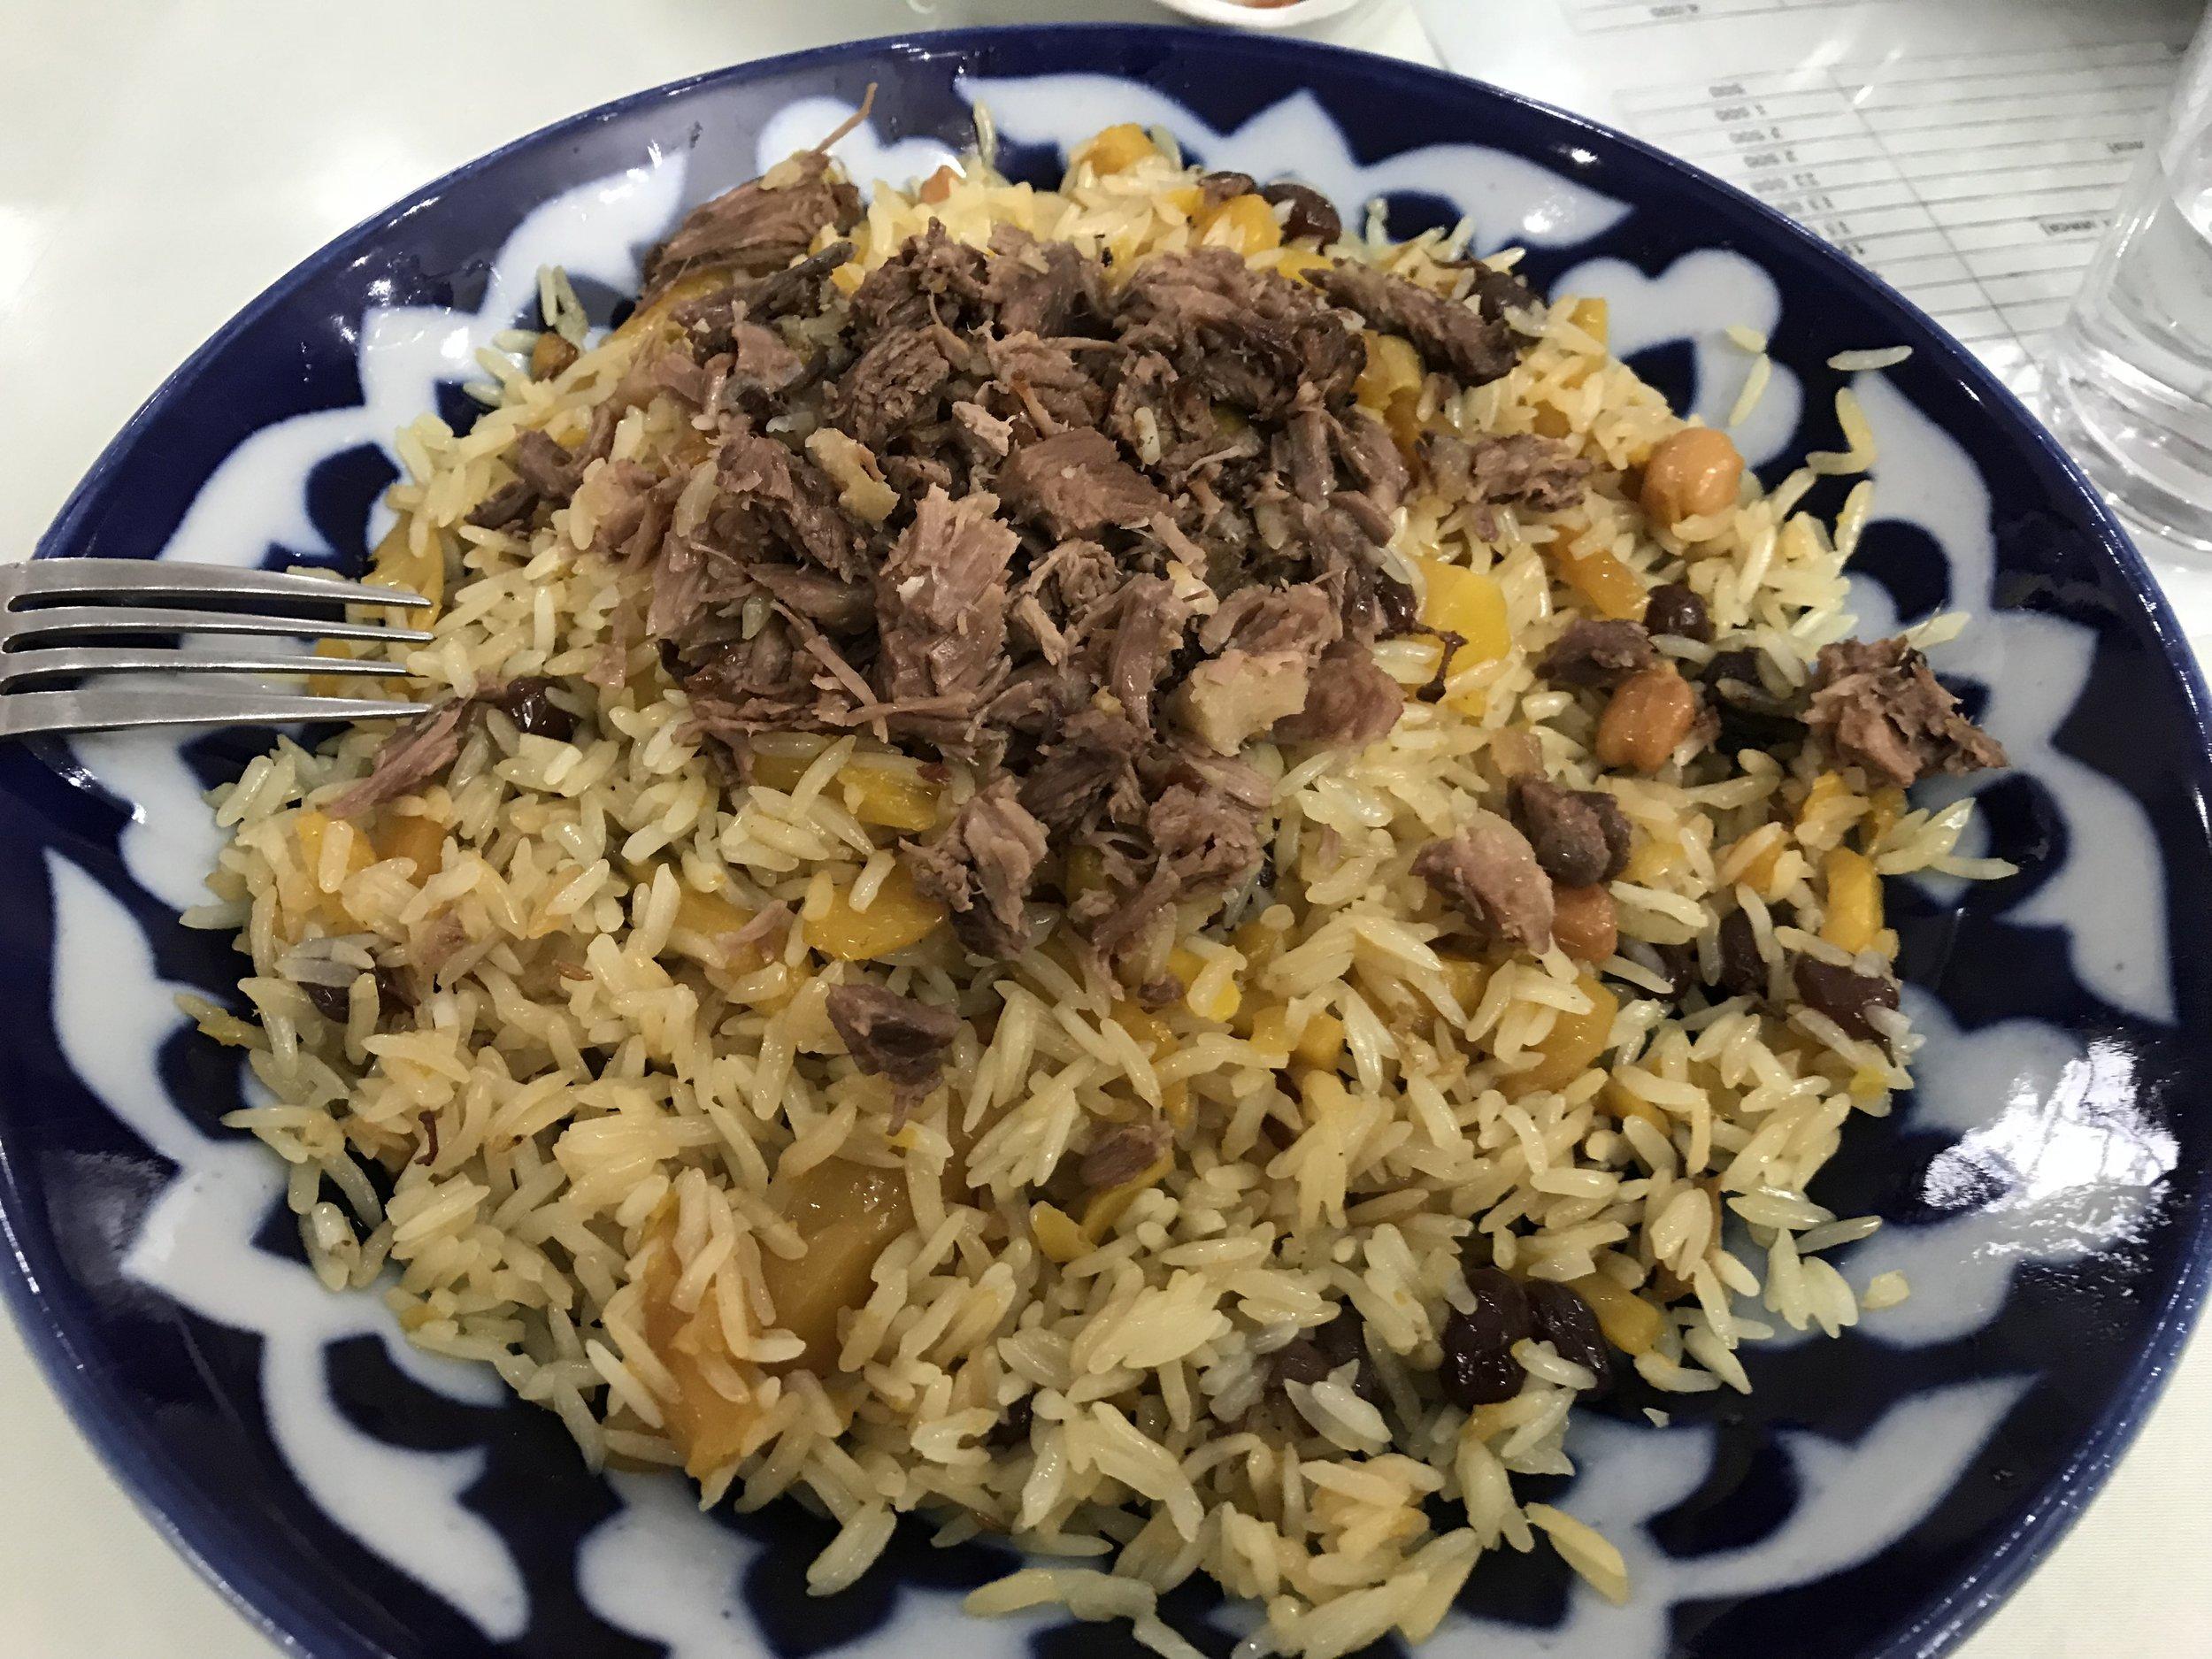 أرز البلو - وهو عبارة عن أرز محلي مع اللحم والجزر والقليل من الزبيب، وبعض المكونات الأخرى التي تختلف من منطقة لأخرى في أوزباكستان